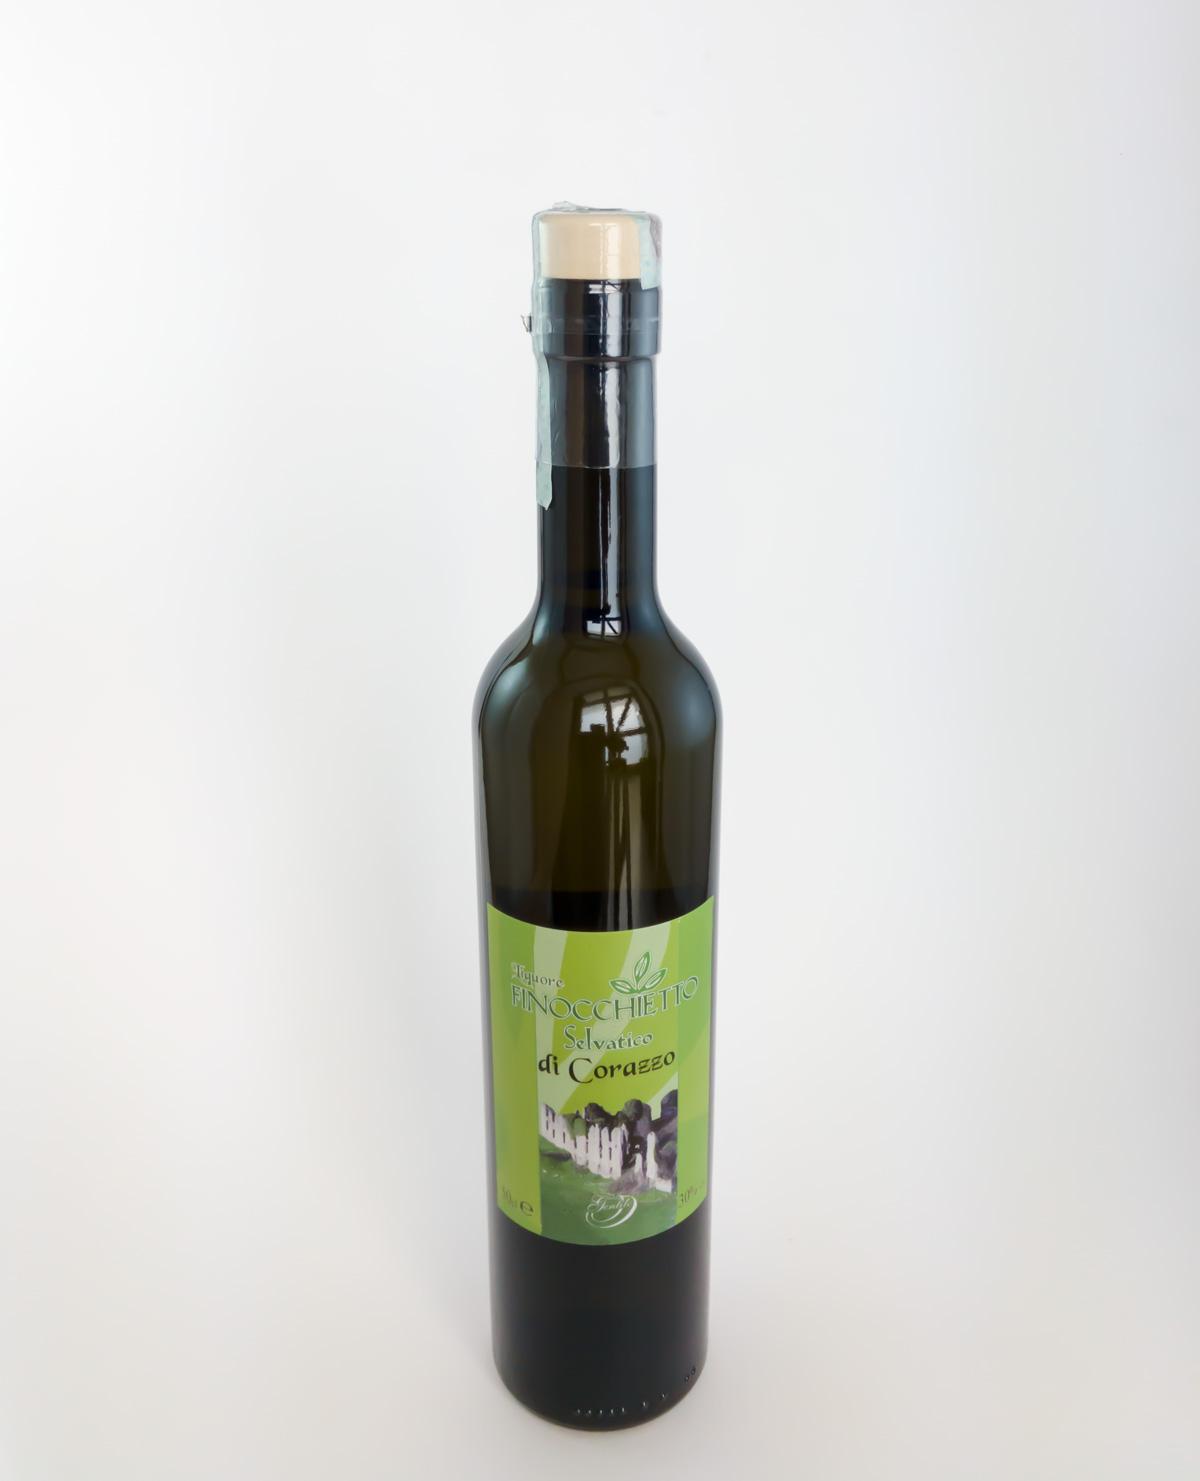 50cl Liquore al finocchietto selvatico